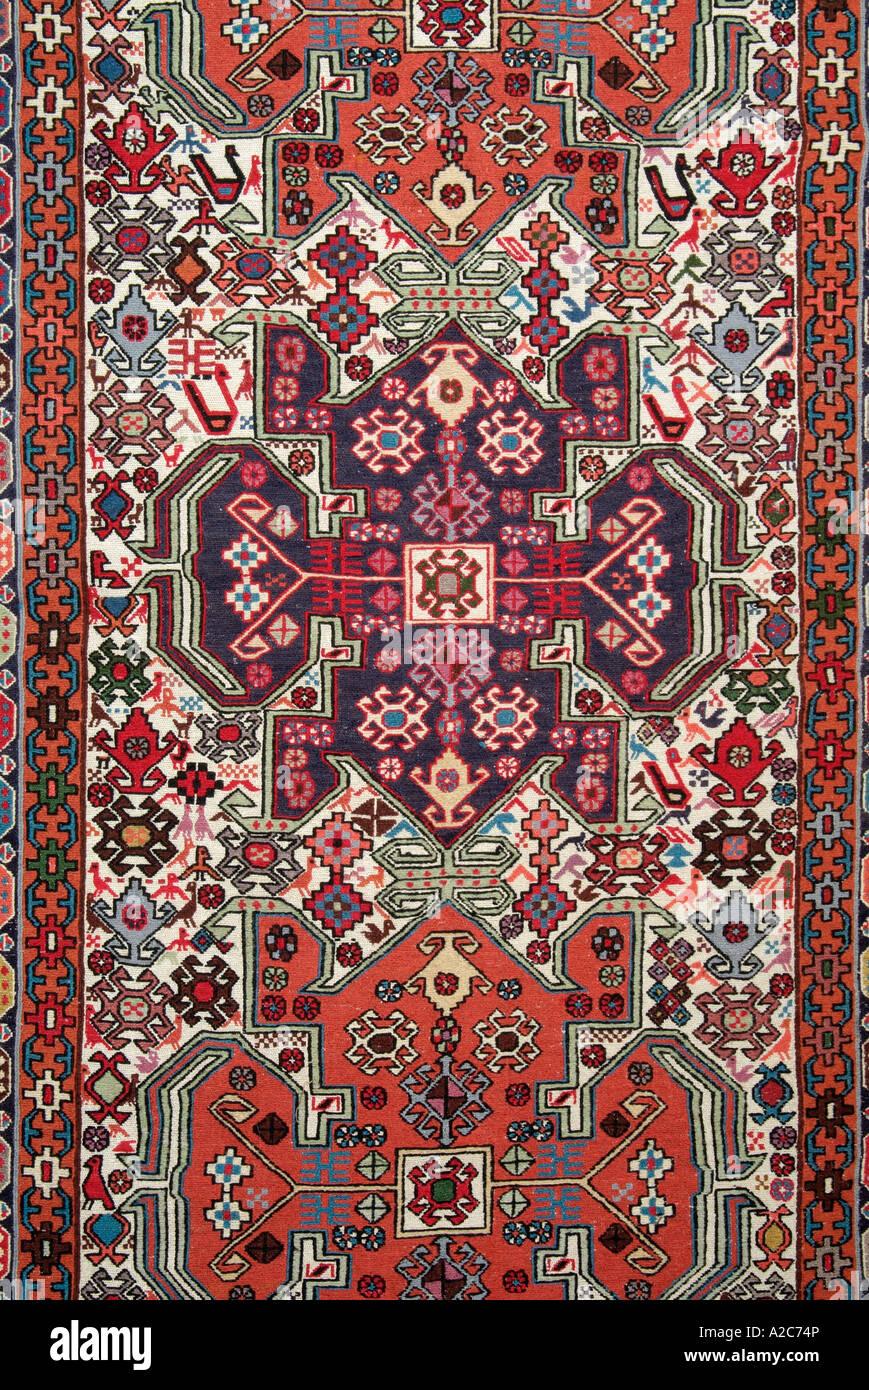 Teppich Rot Gelb Grun Rosa Textur Haufen Moderner Teppich Stoff